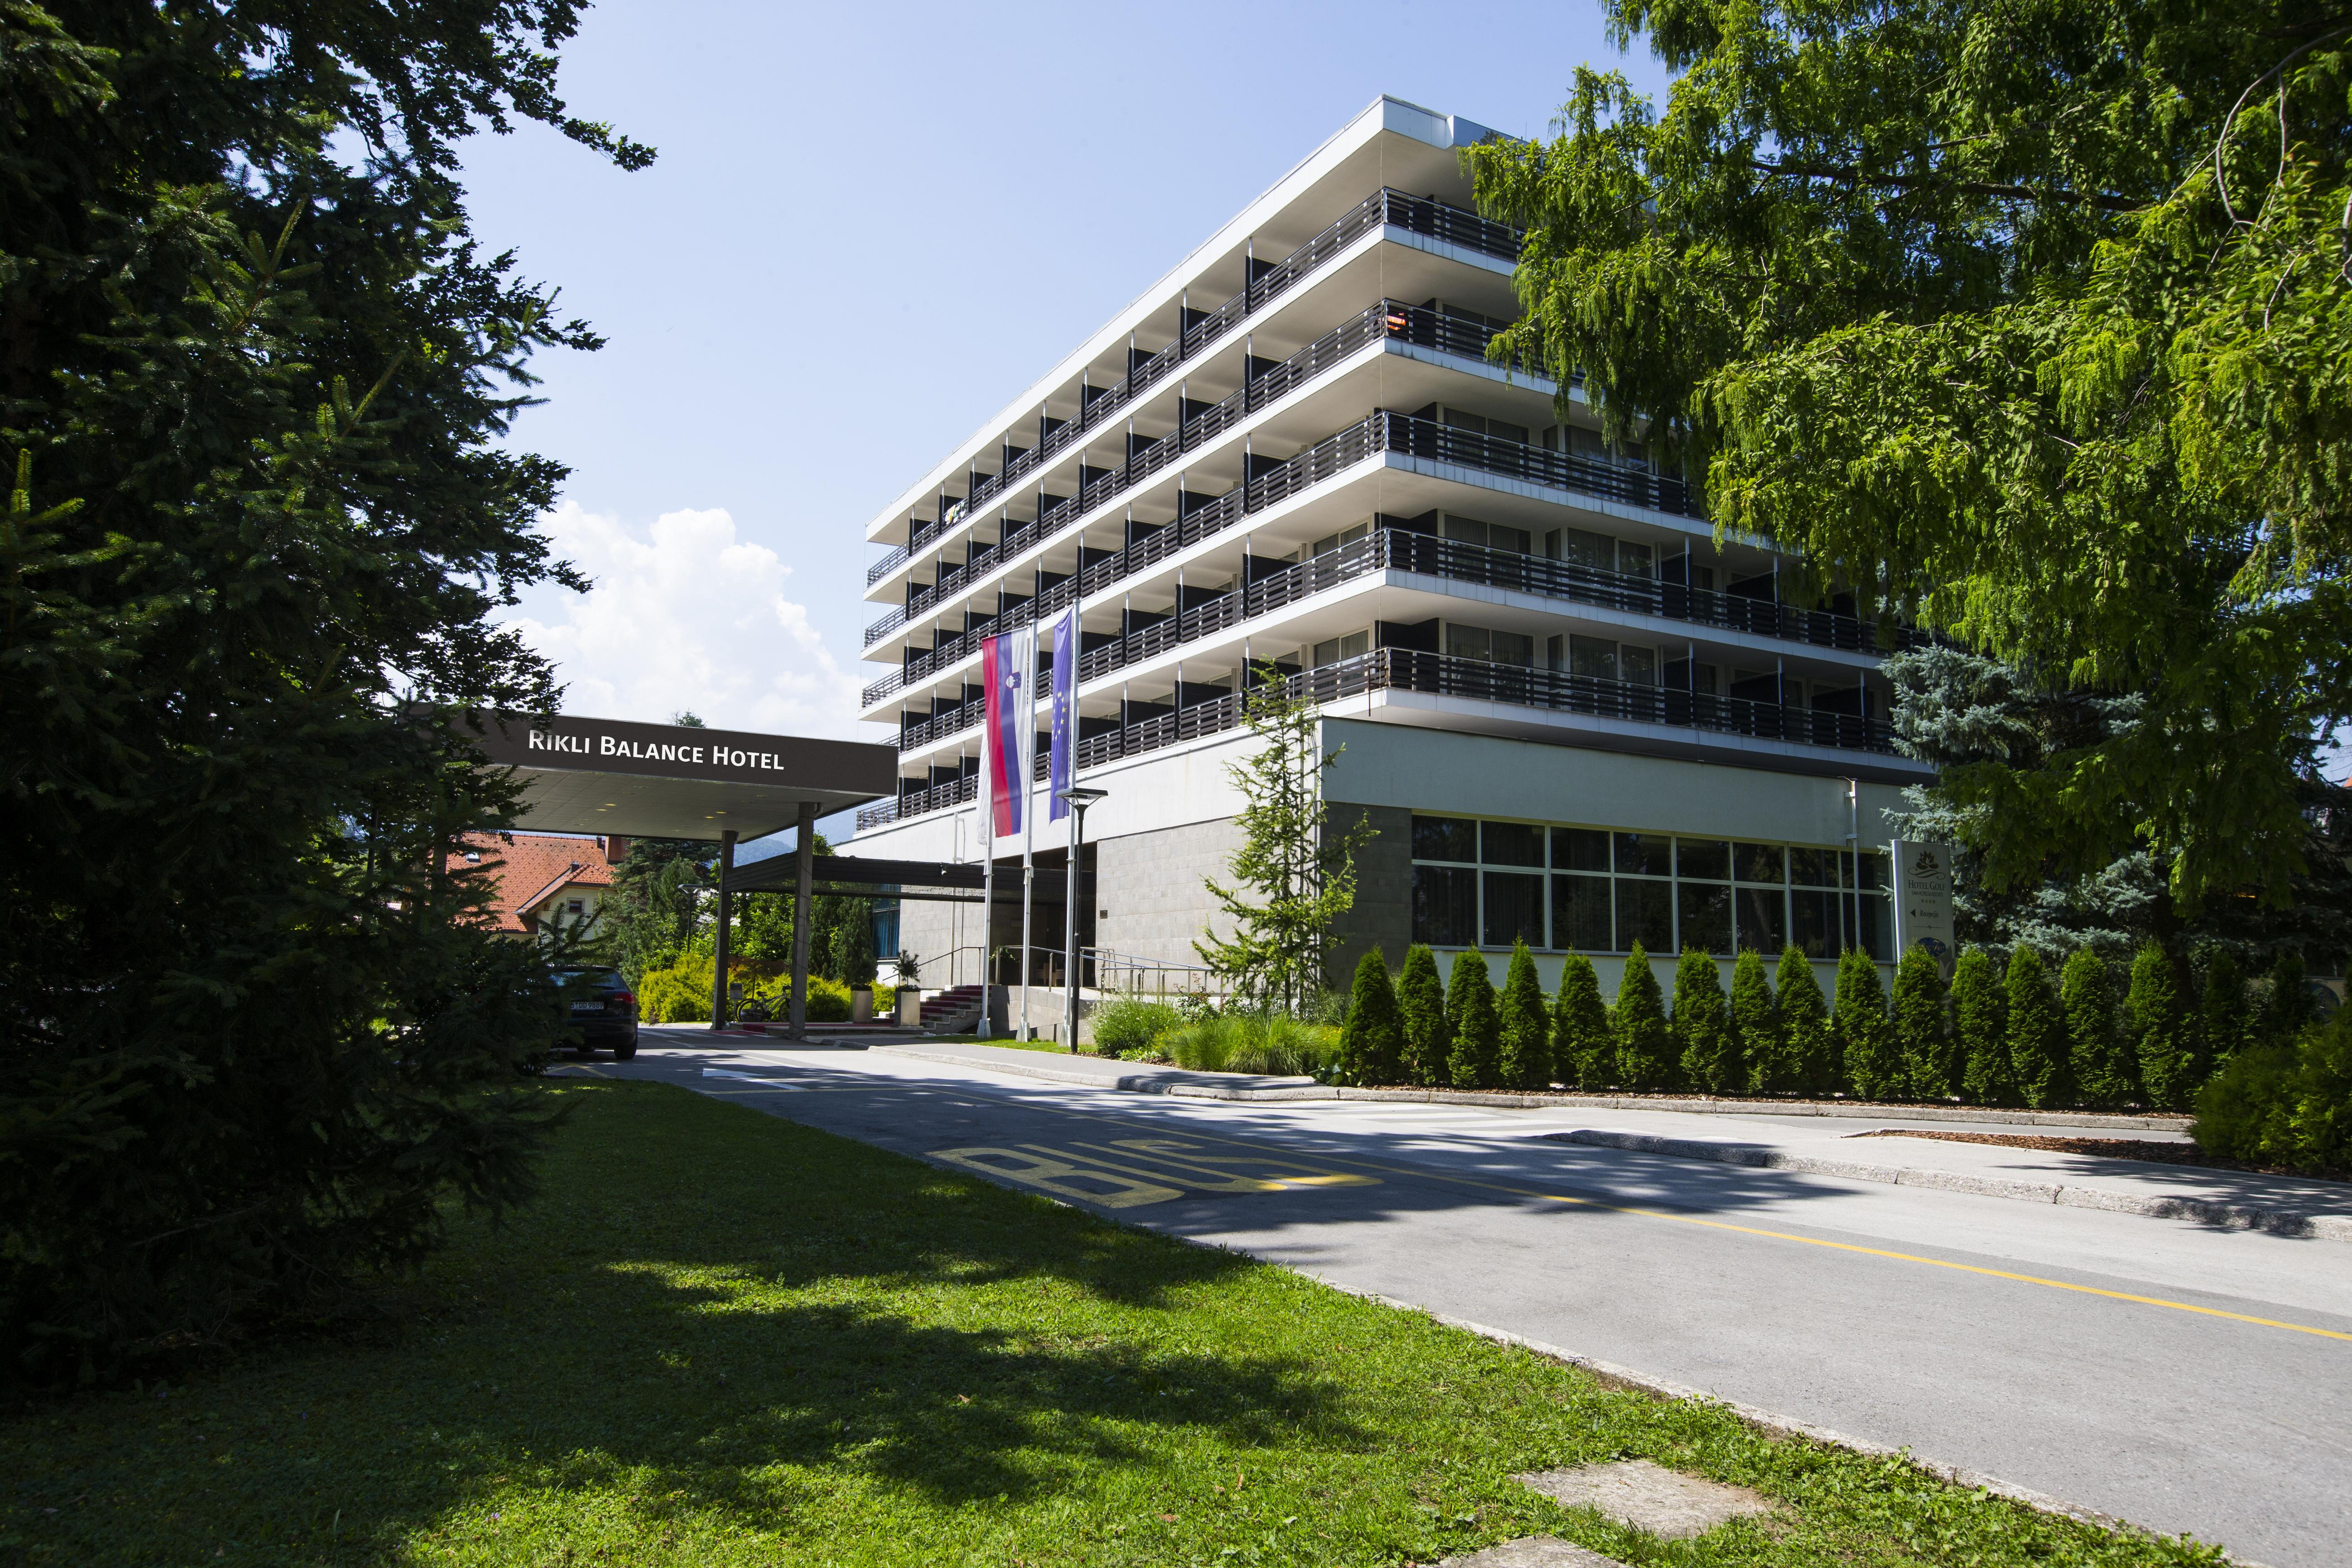 リクリ バランス ホテル